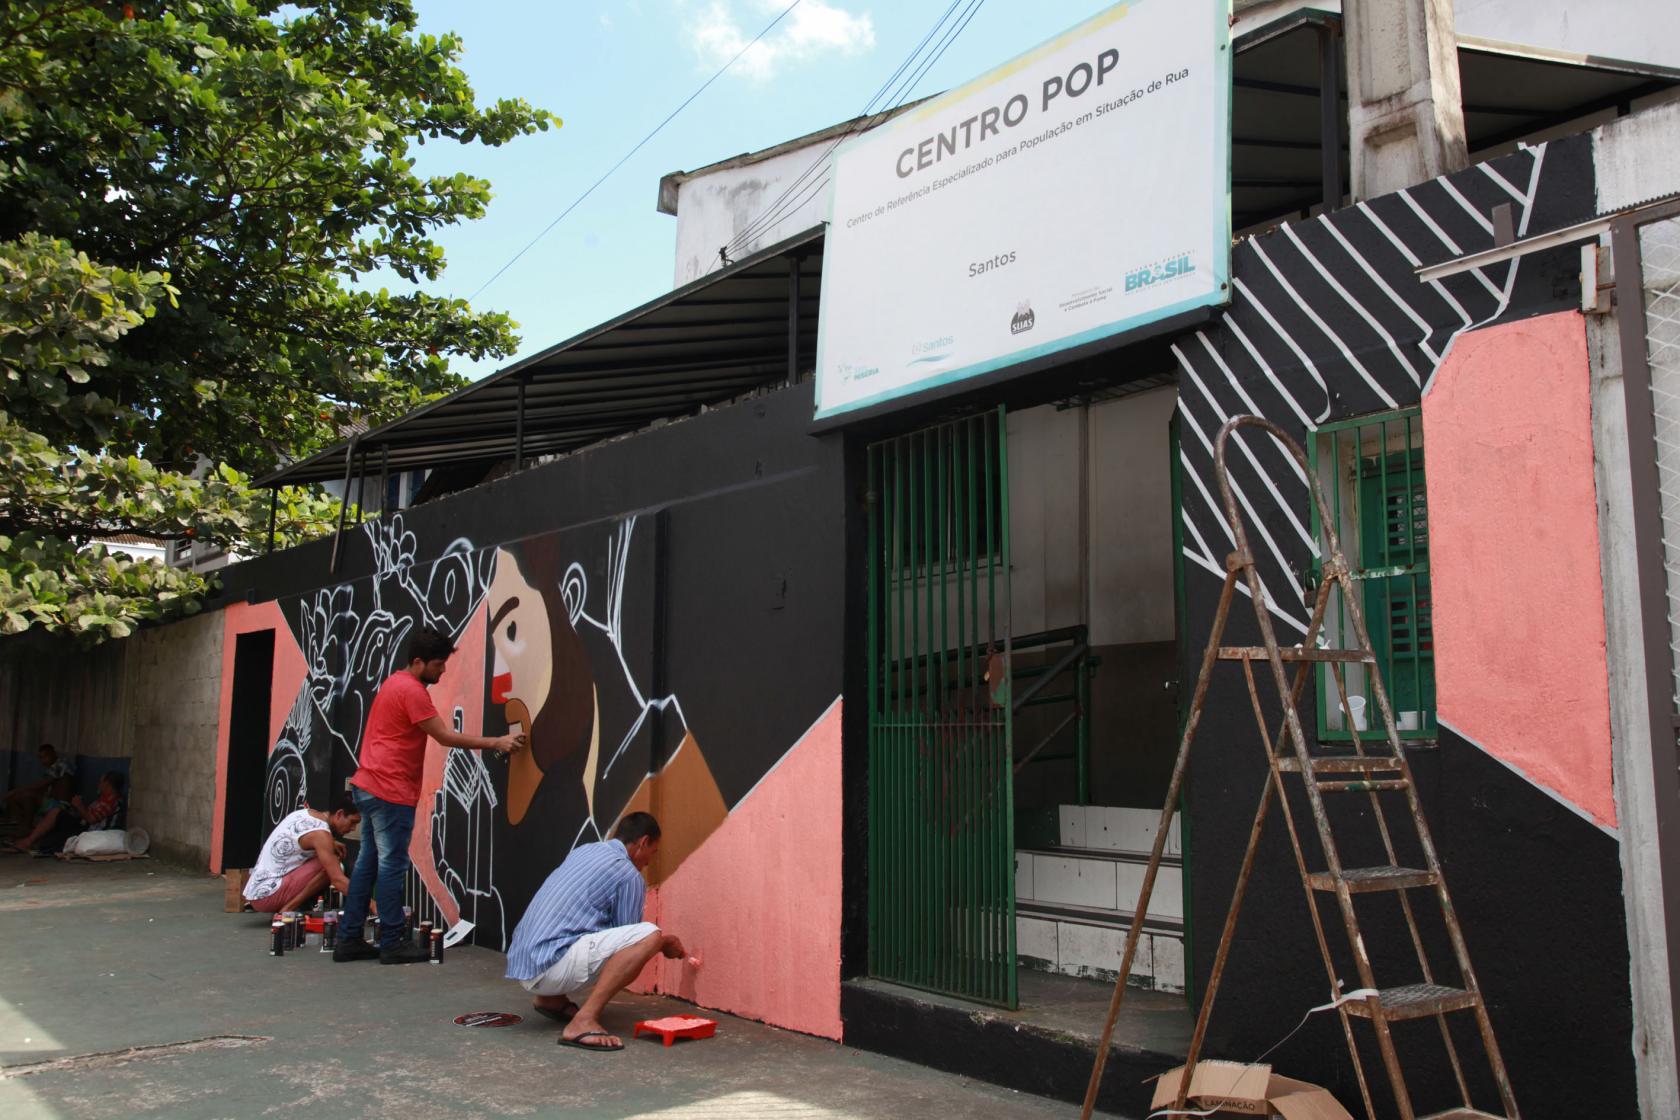 Oficina De Grafite Promove Contato De Pessoas Em Situação De